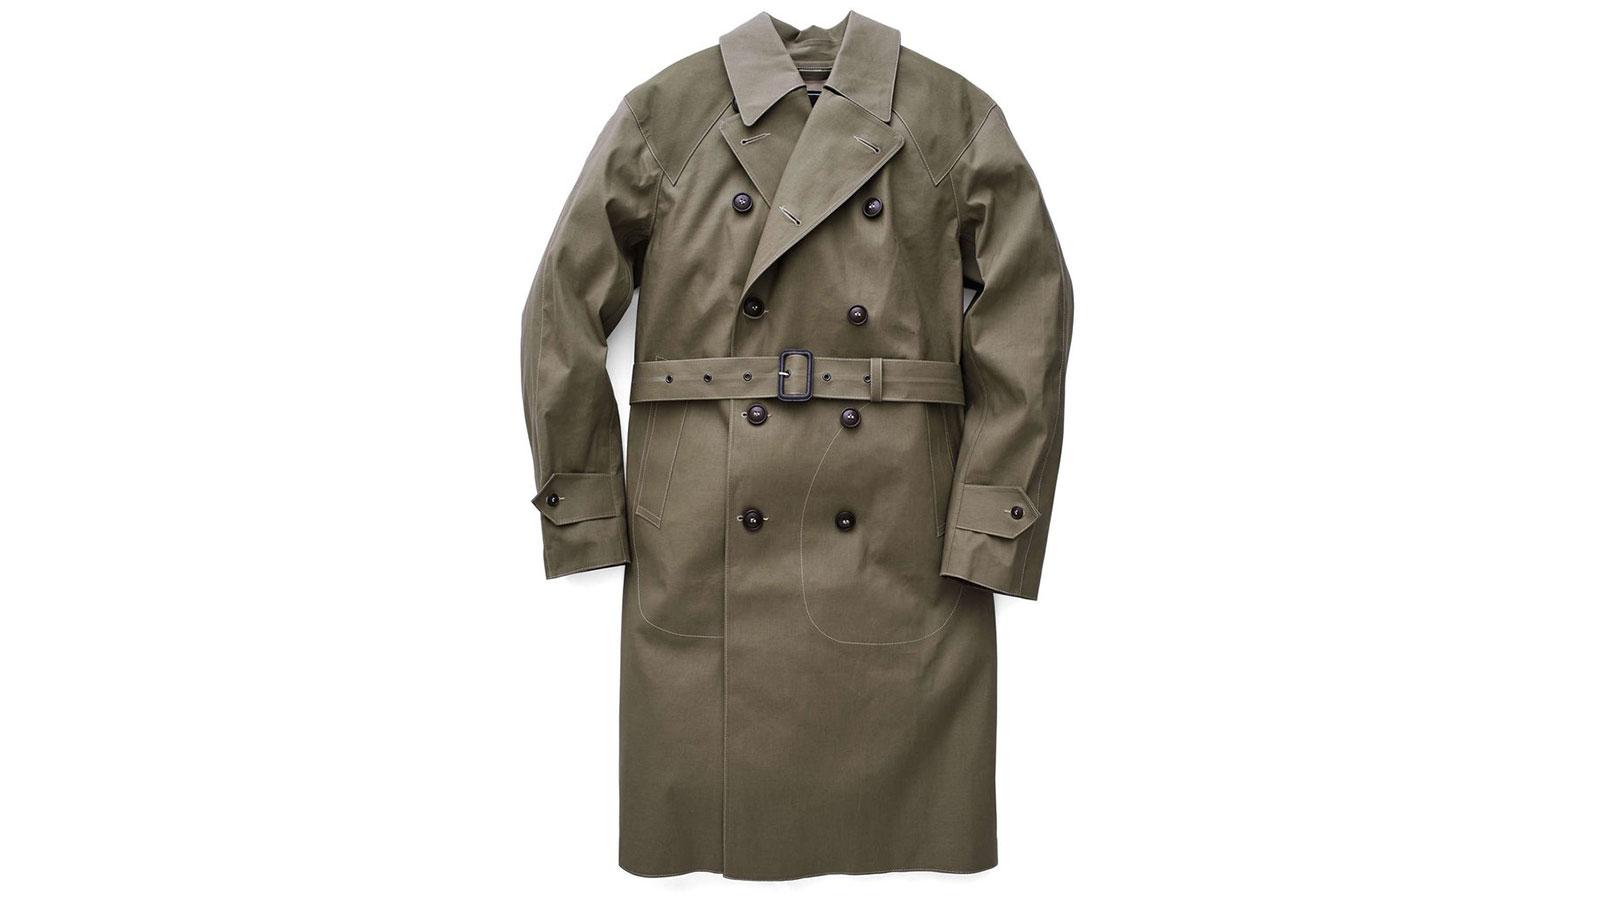 Todd Snyder Men's Trench Coats   The Best Men's Trench Coats